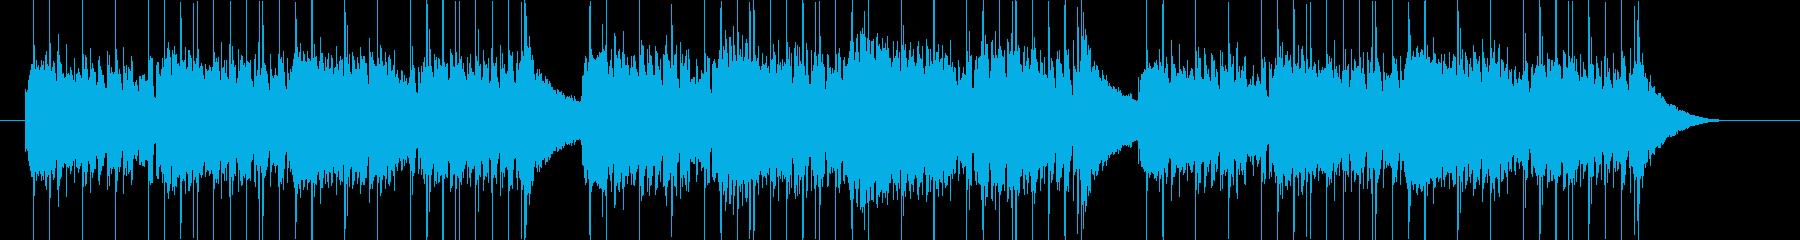 ポップでかわいいアメリカ童謡カバーの再生済みの波形